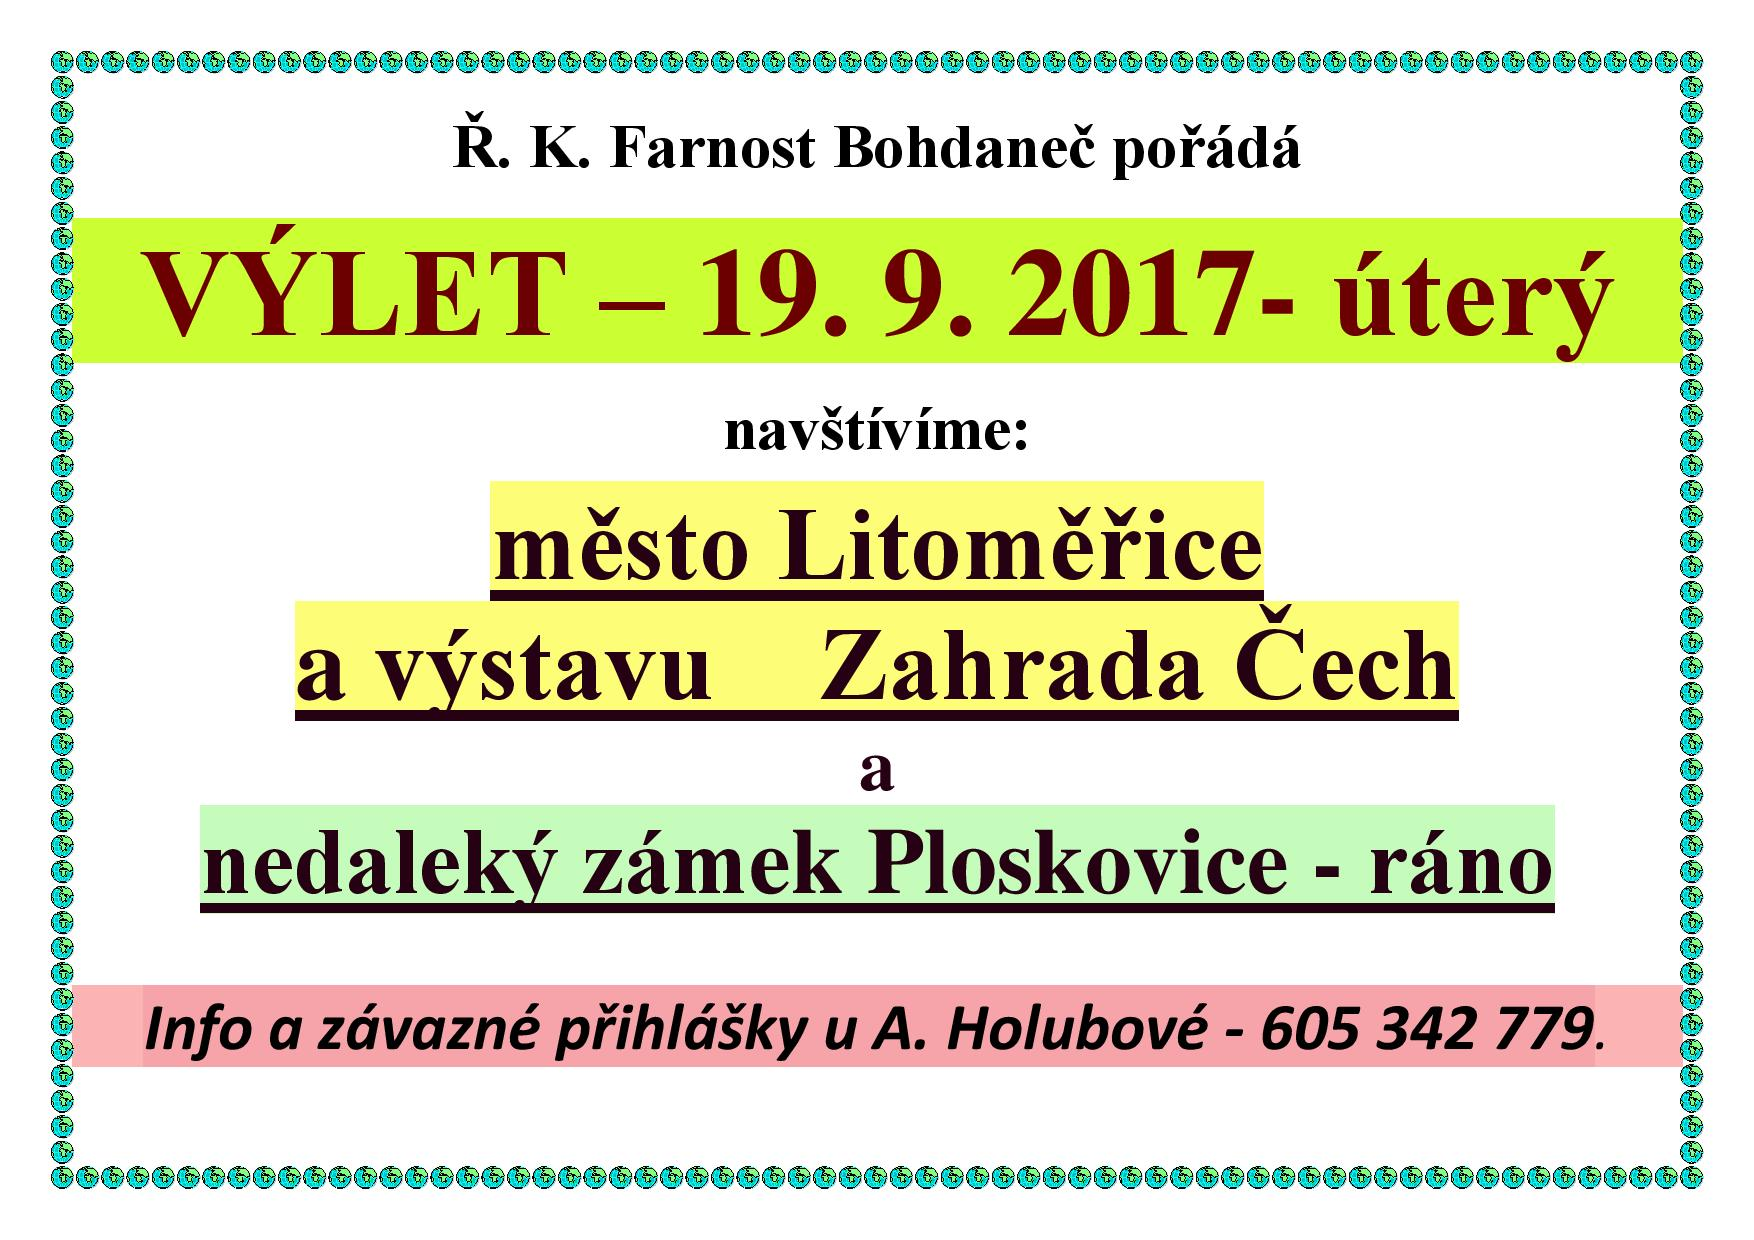 OBRÁZEK : vylet_plakat_ploskovice_litomerice_2017-page-001.jpg